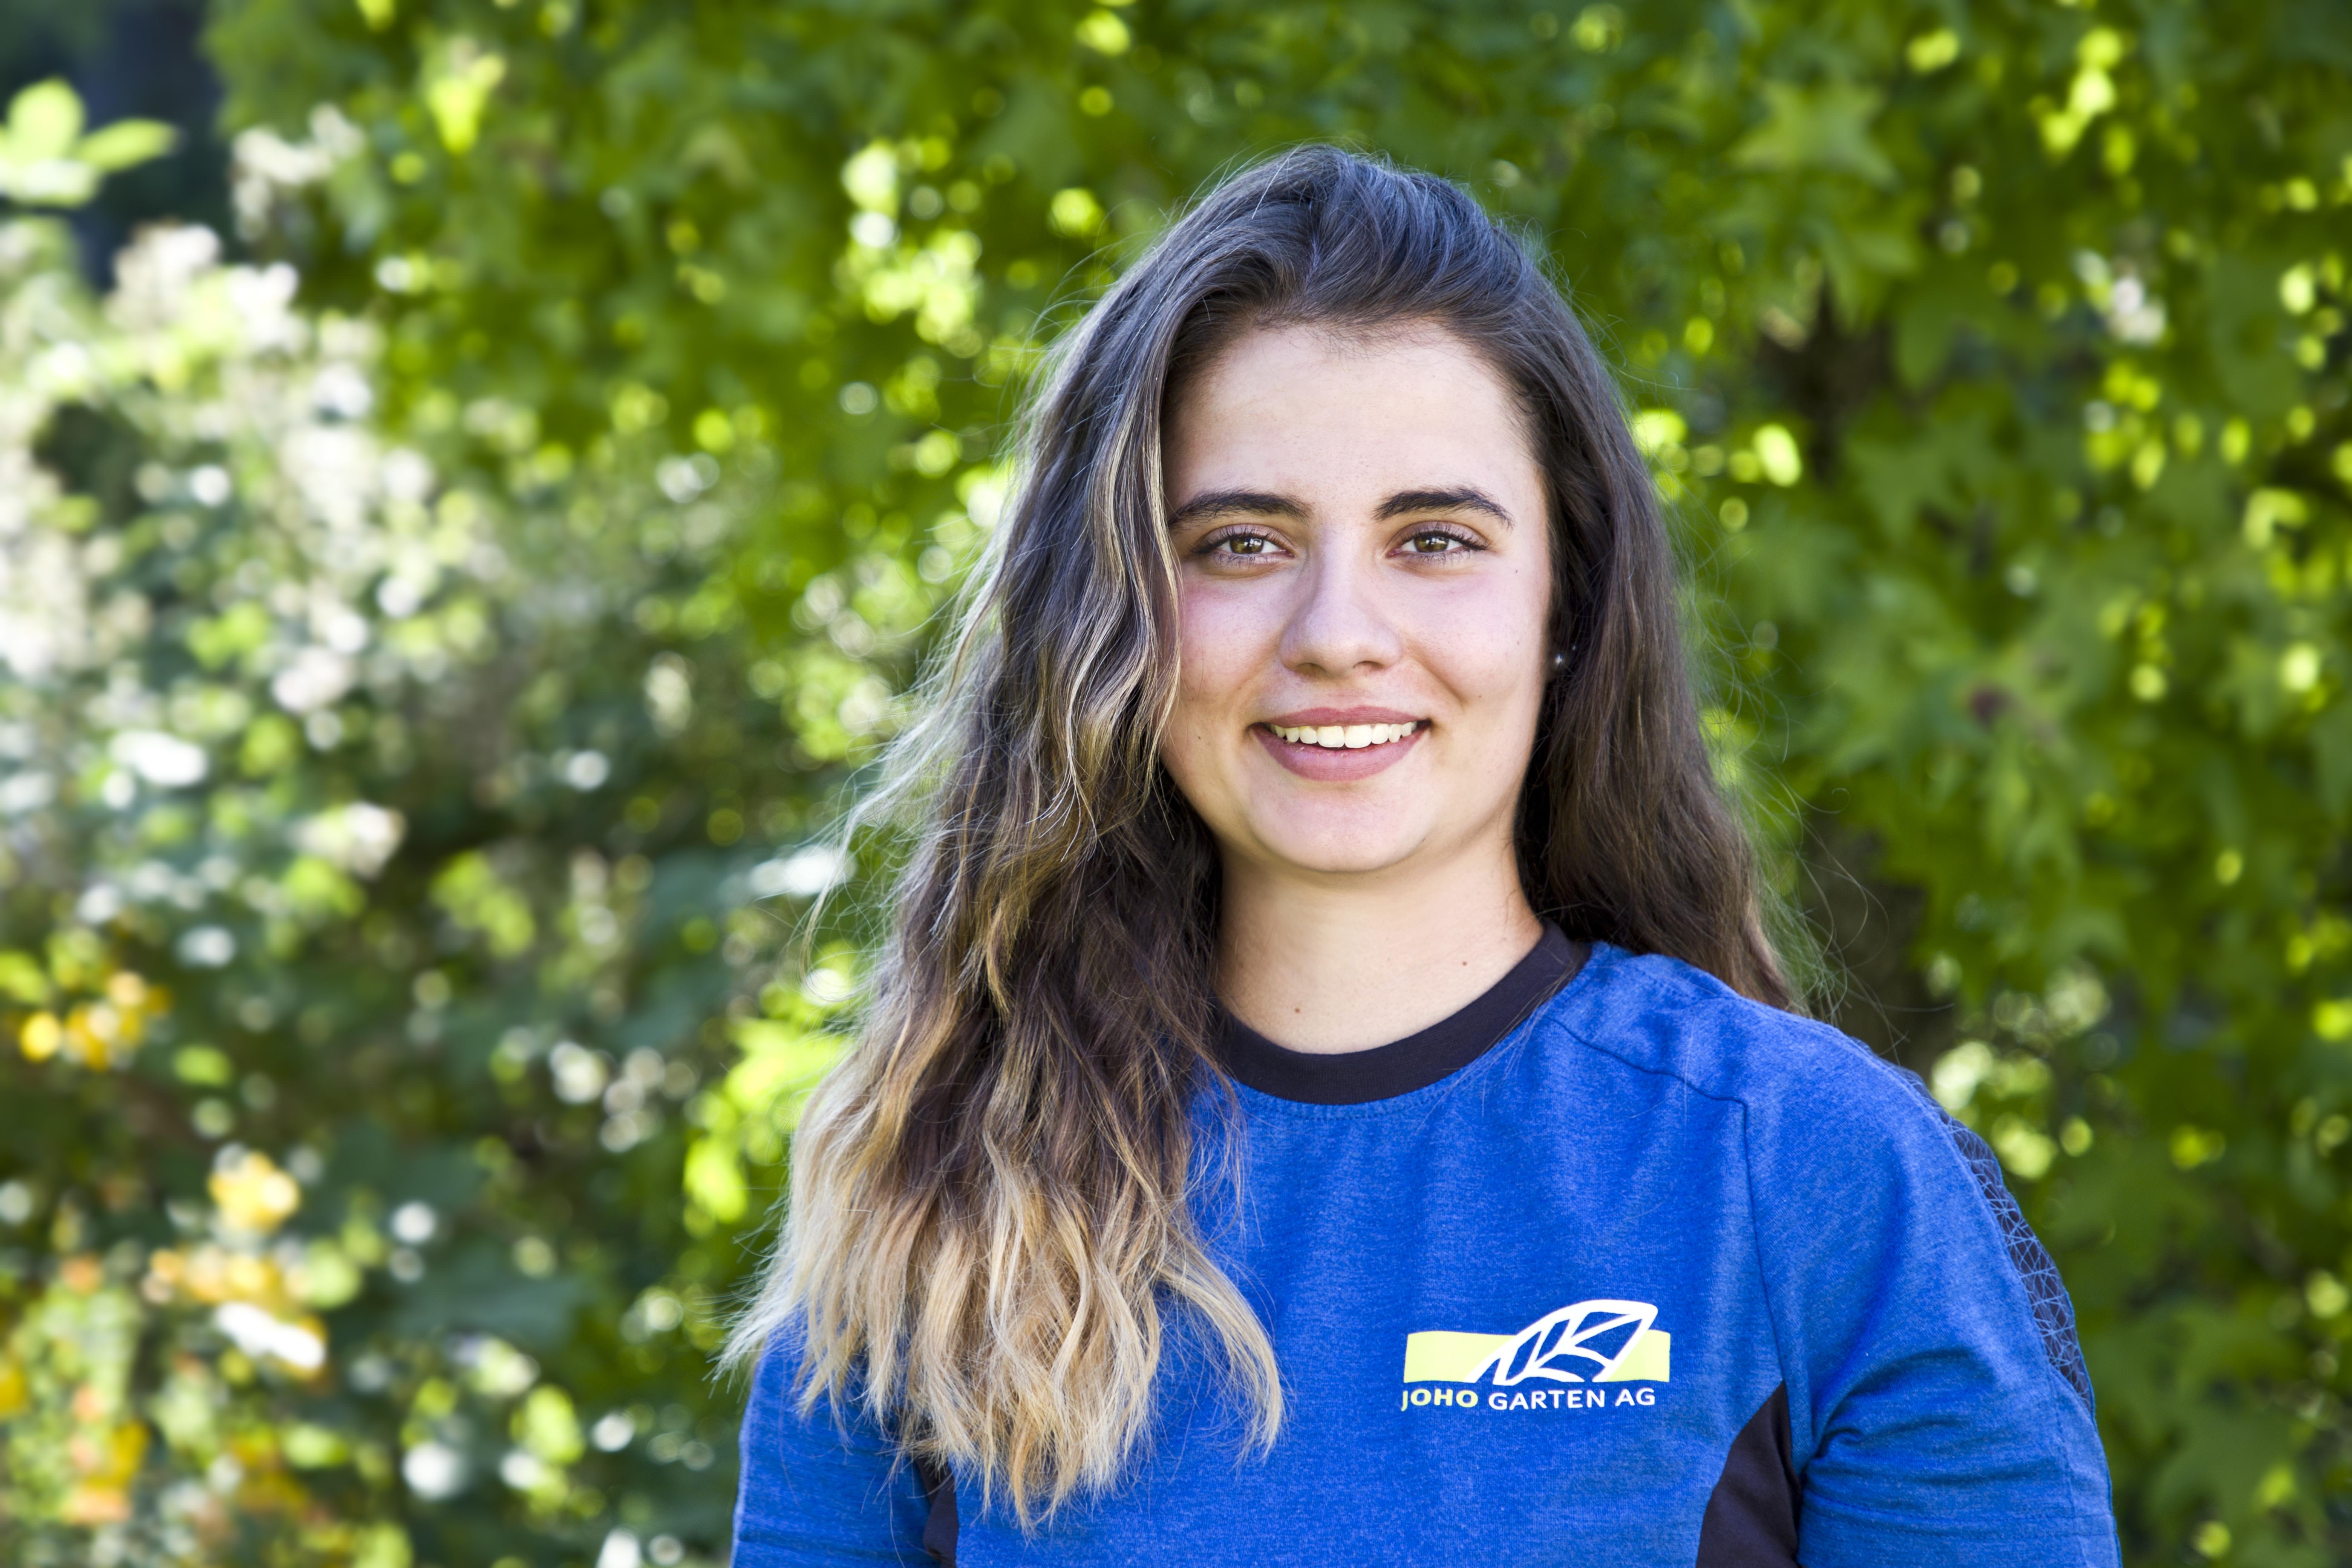 Carla Zgraggen